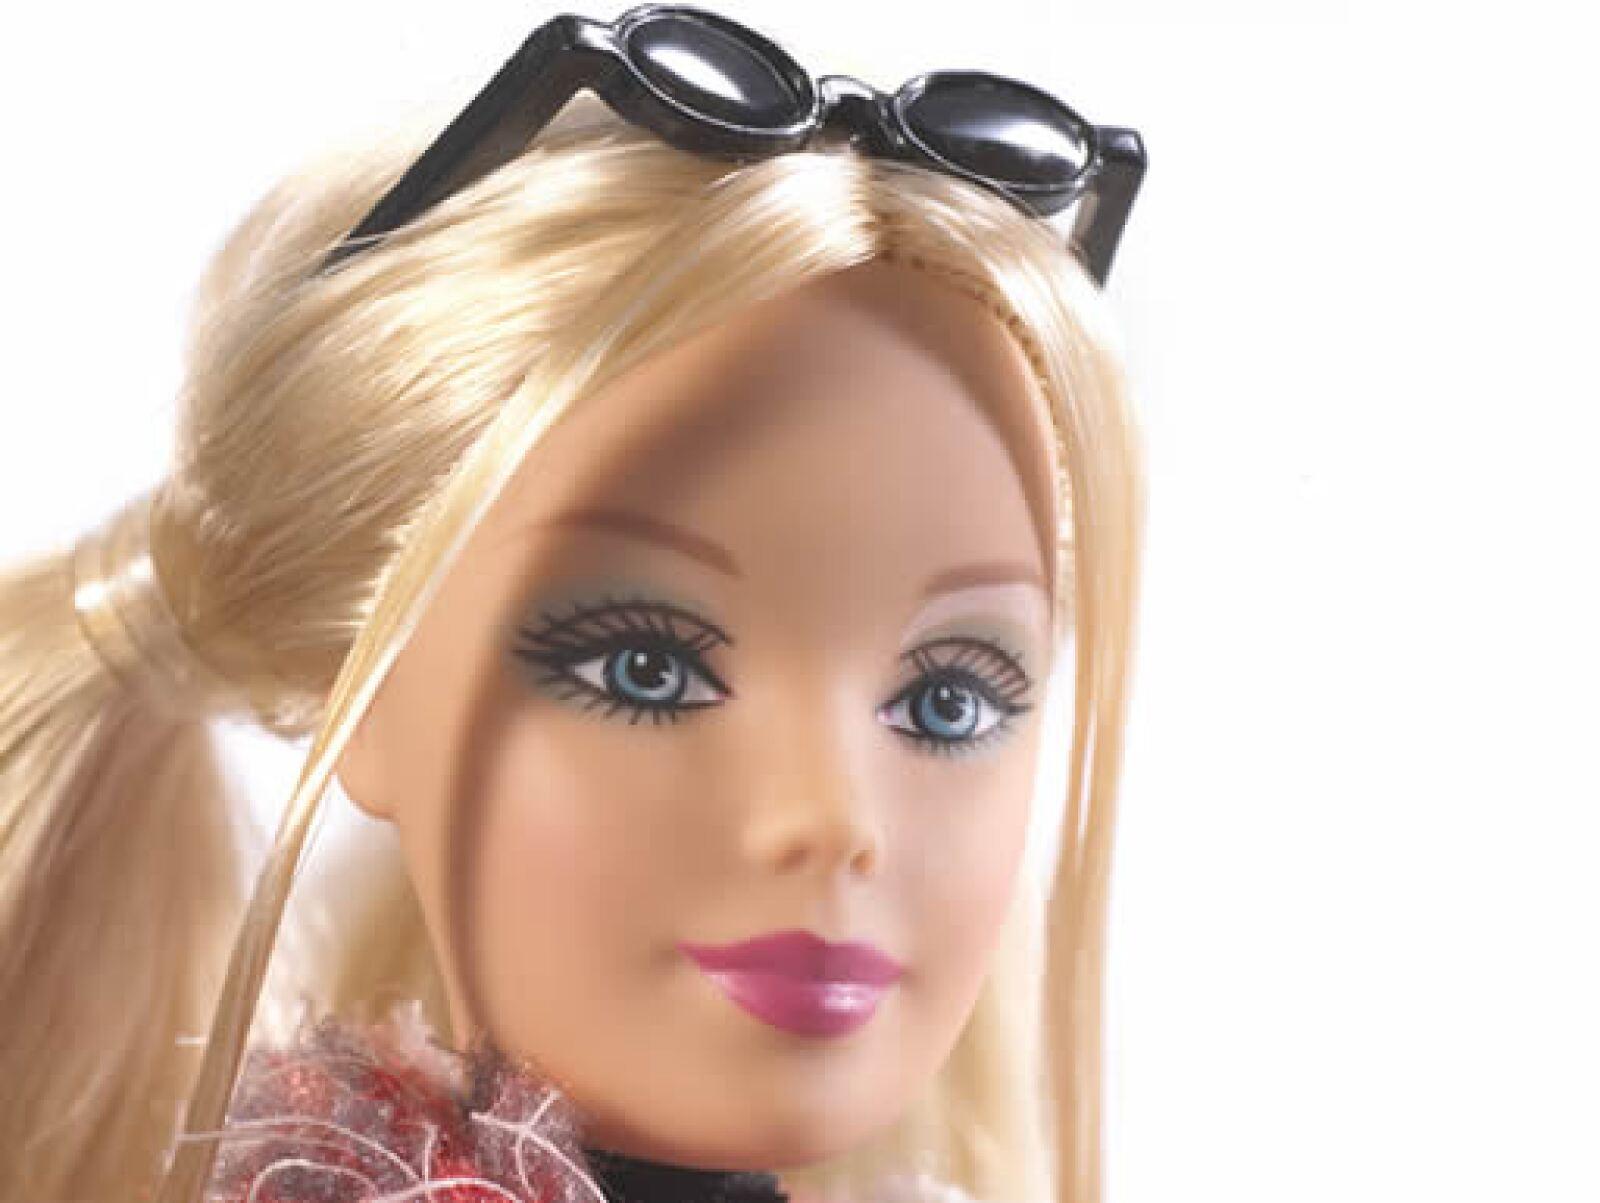 En estos 50 años se han vendido más de mil millones de muñecas y cada semana se vende un millón más.